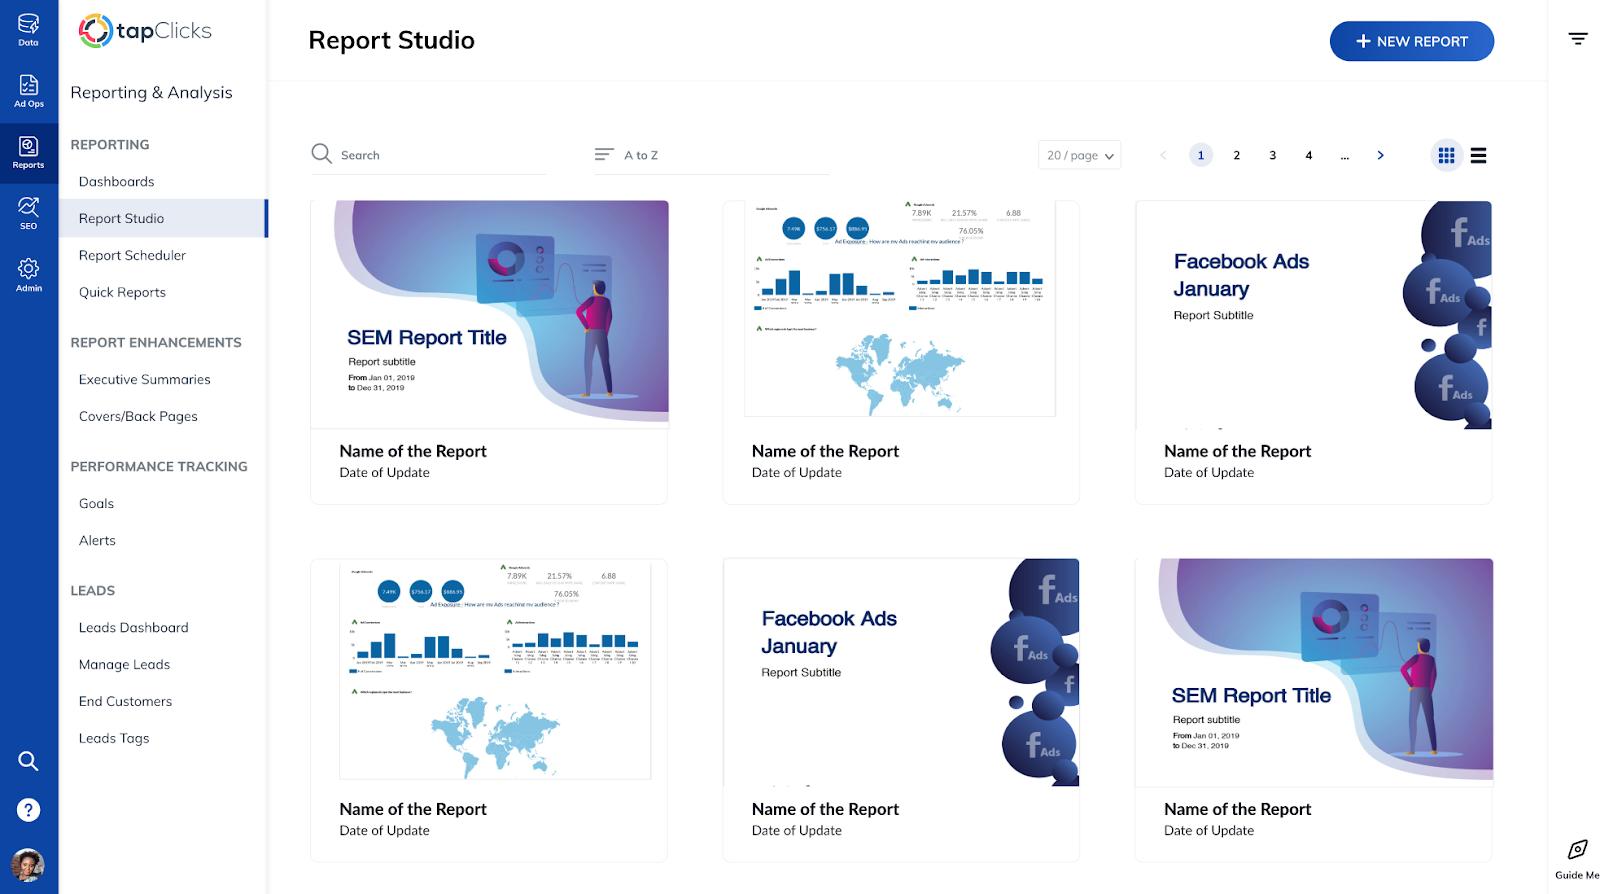 TapClicks enterprise reporting tool: Report Studio